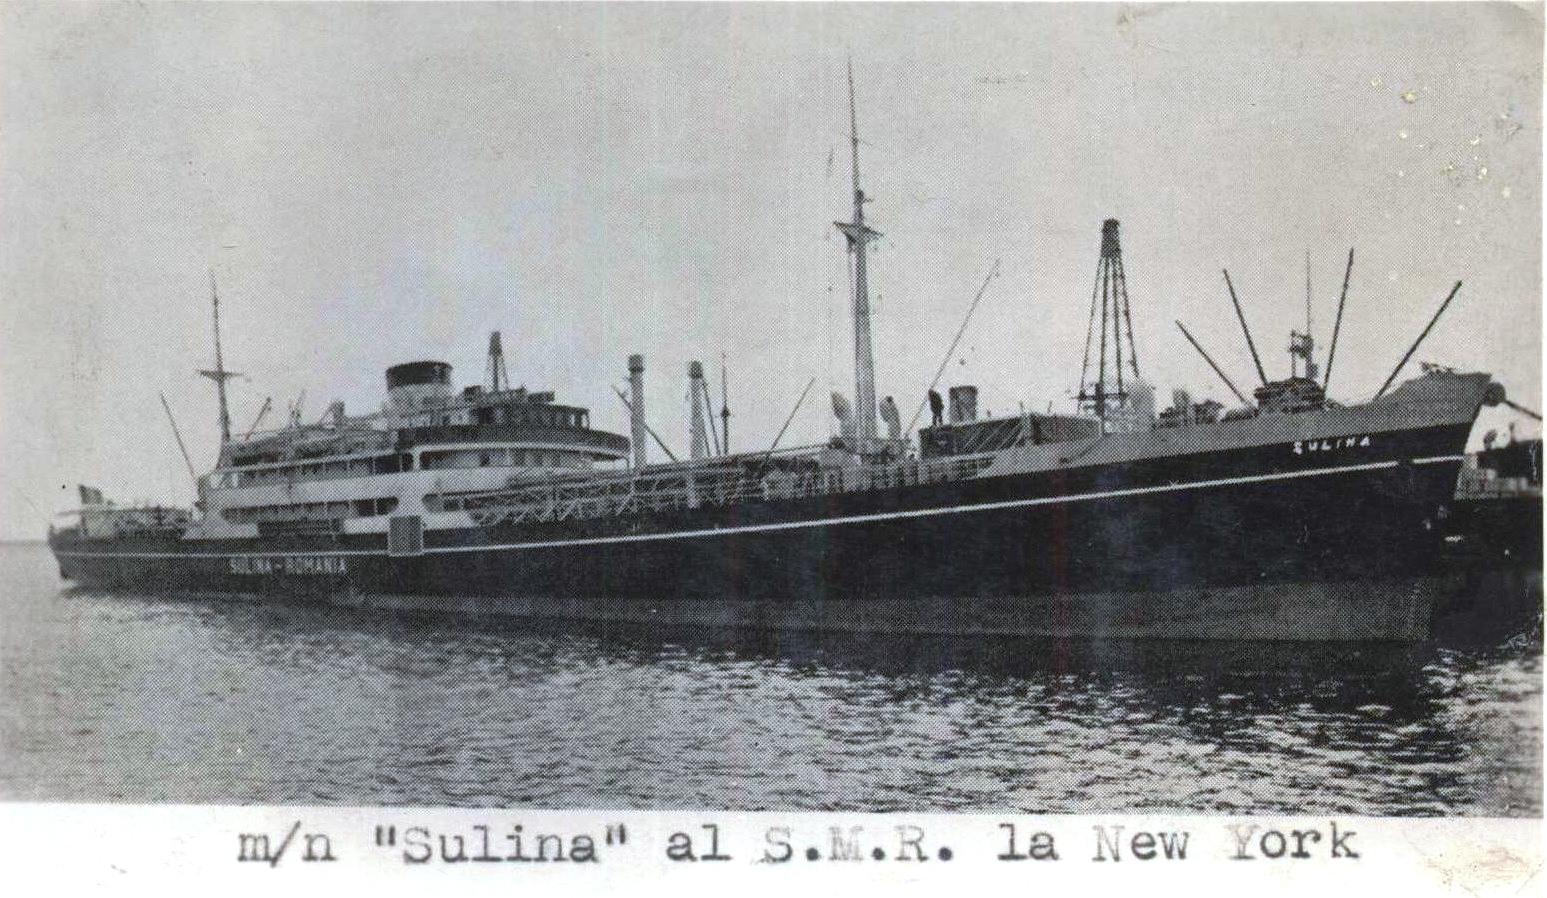 """Nava """"Sulina"""", aparținând S.M.R. (Serviciul Maritim Român), în escală la New York."""